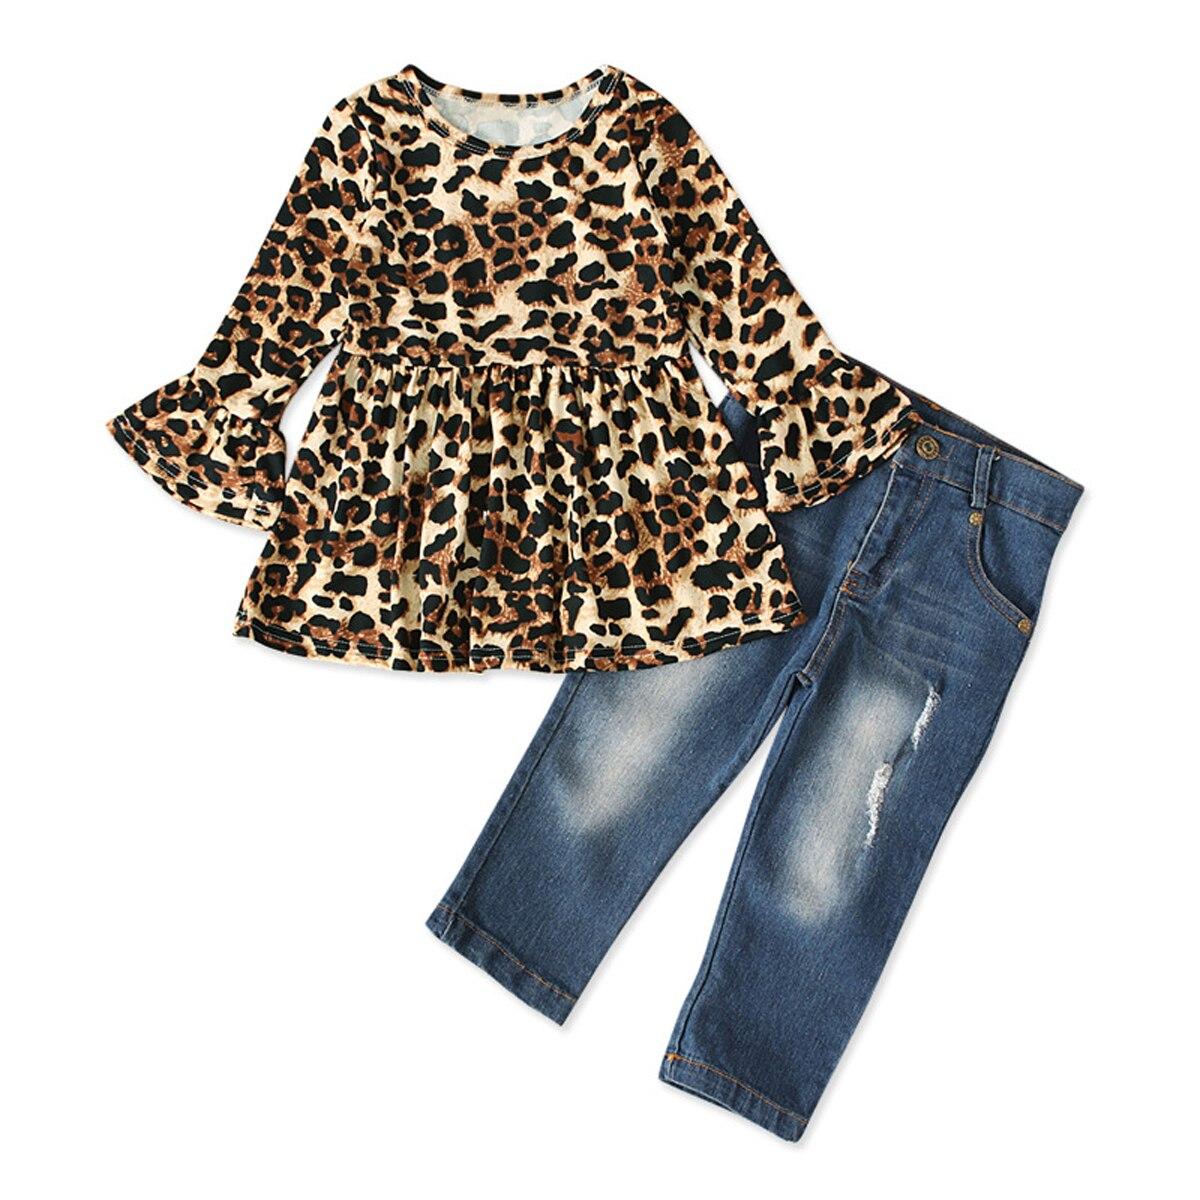 2 pçs conjuntos de roupas da menina do bebê do miúdo 2-7y plissado manga leopardo imprimir topos + calças jeans calças jeans conjuntos de roupas de verão